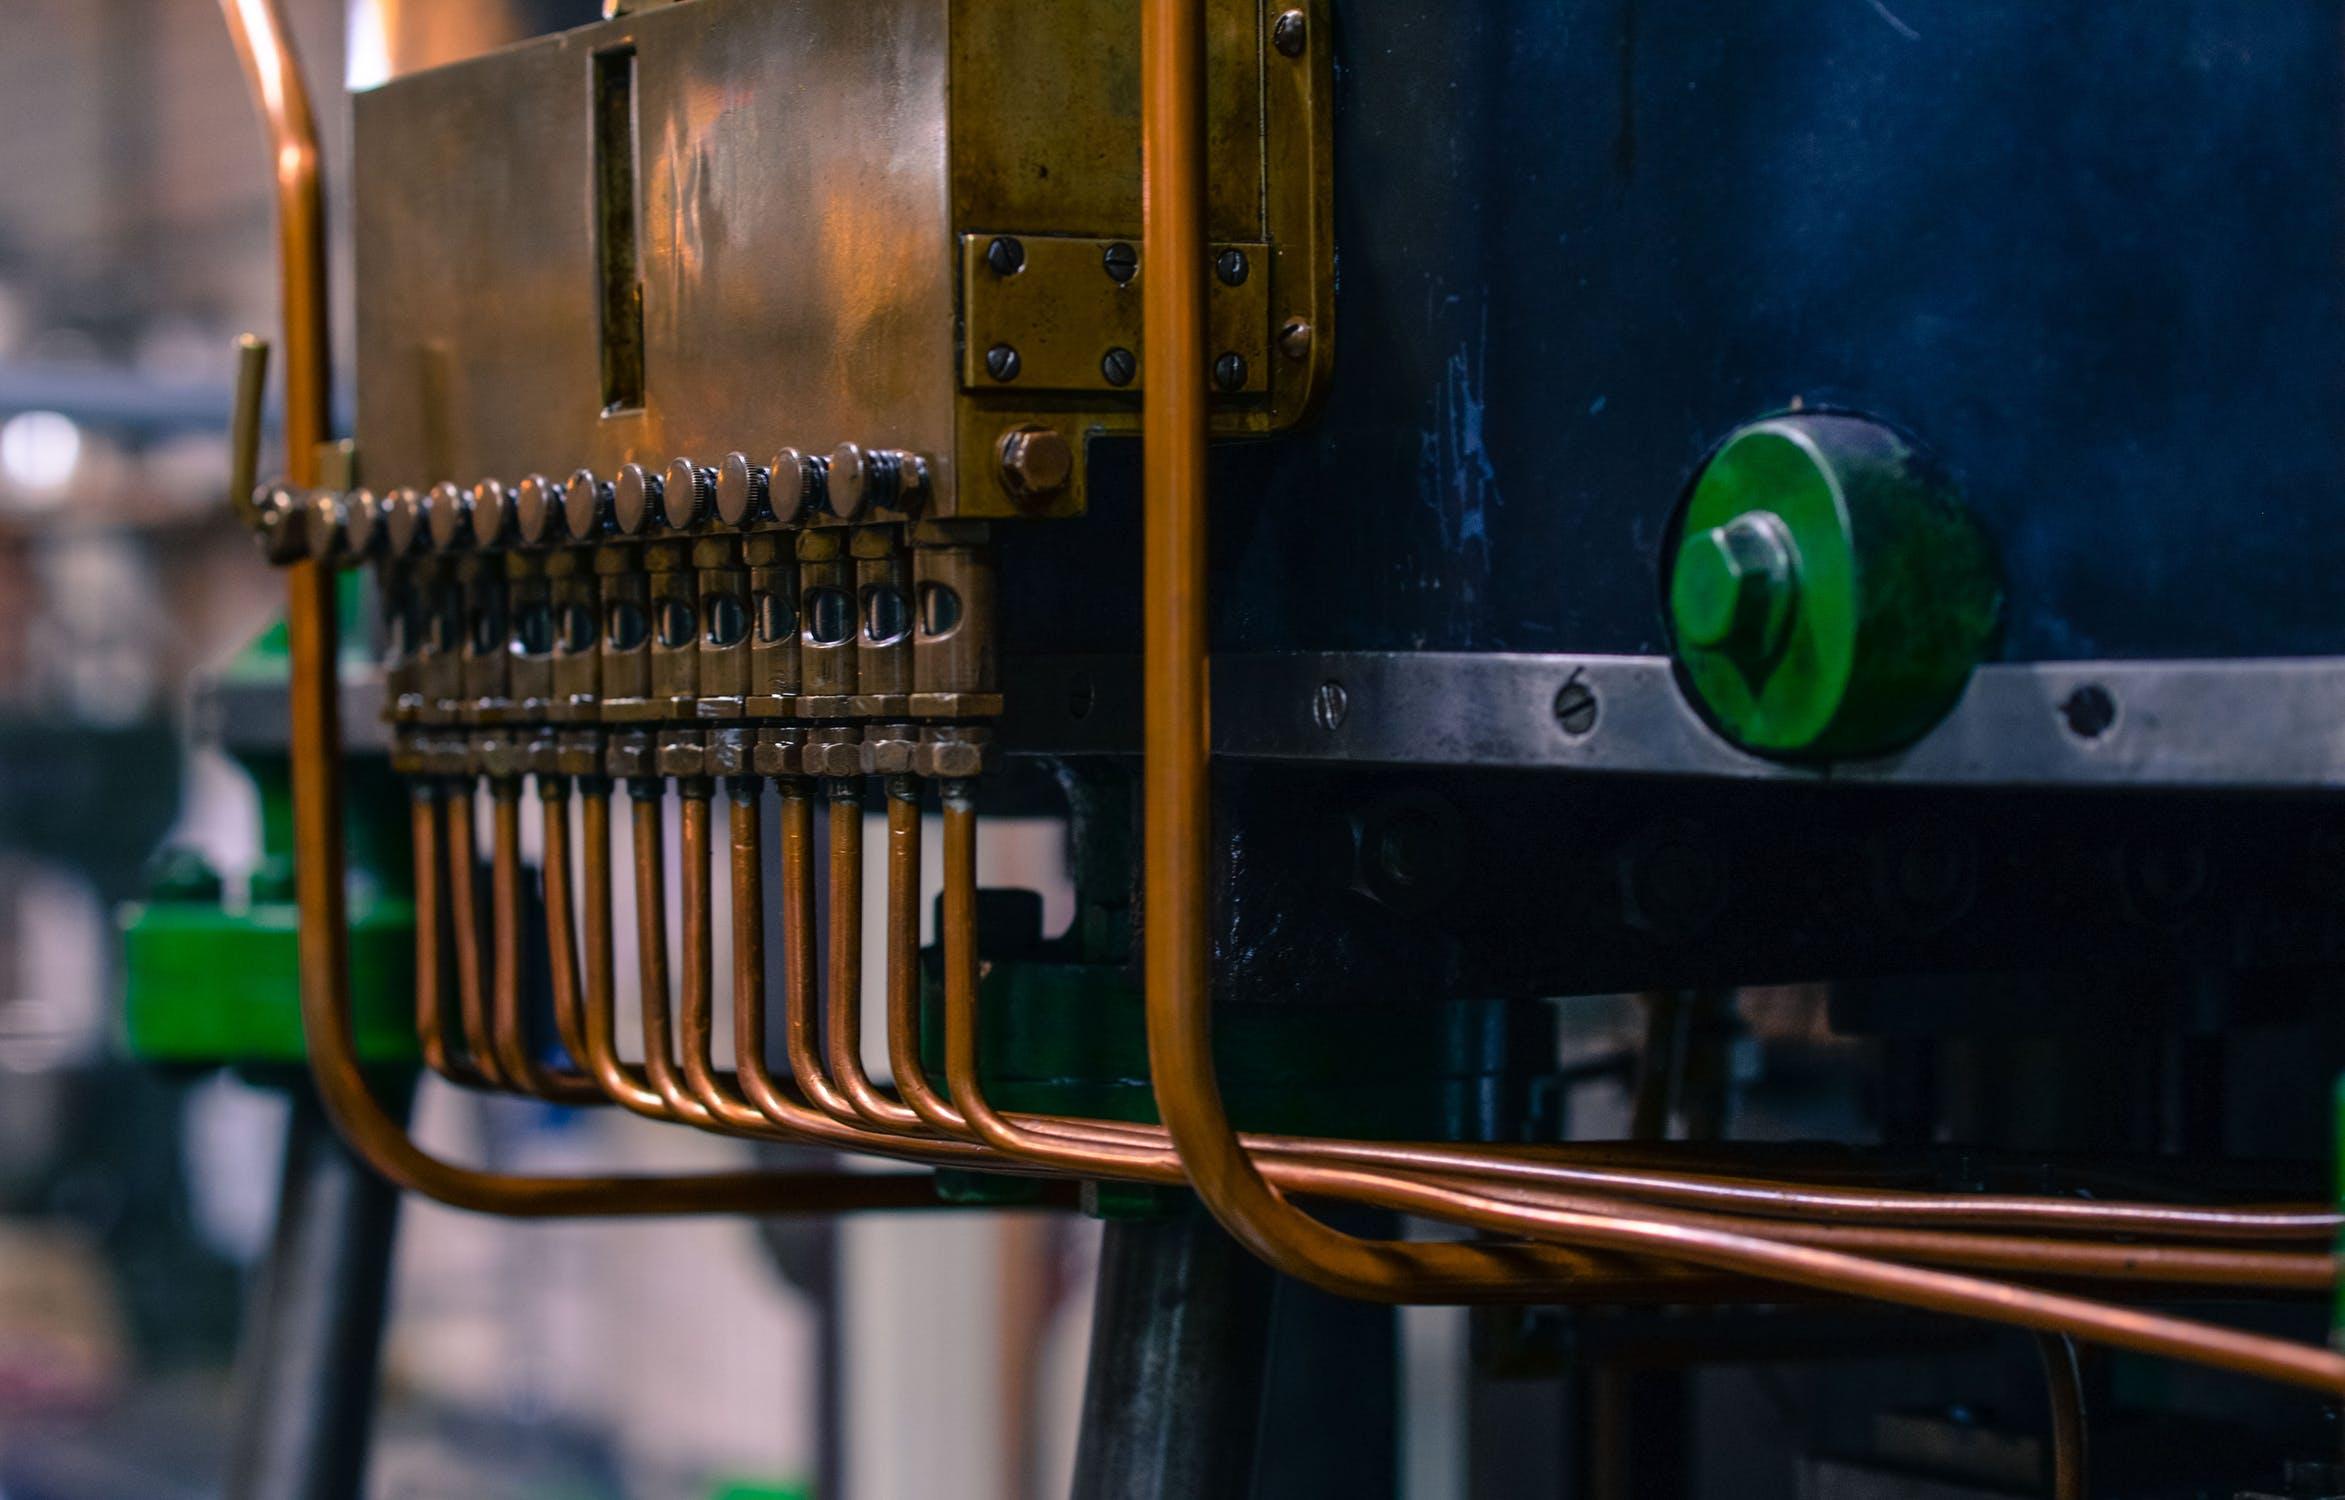 TITAN DC 냉각 팬은 장비 구성 요소의 과열을 방지하기 위해 다양한 의료 장비에 장착할 수 있습니다.